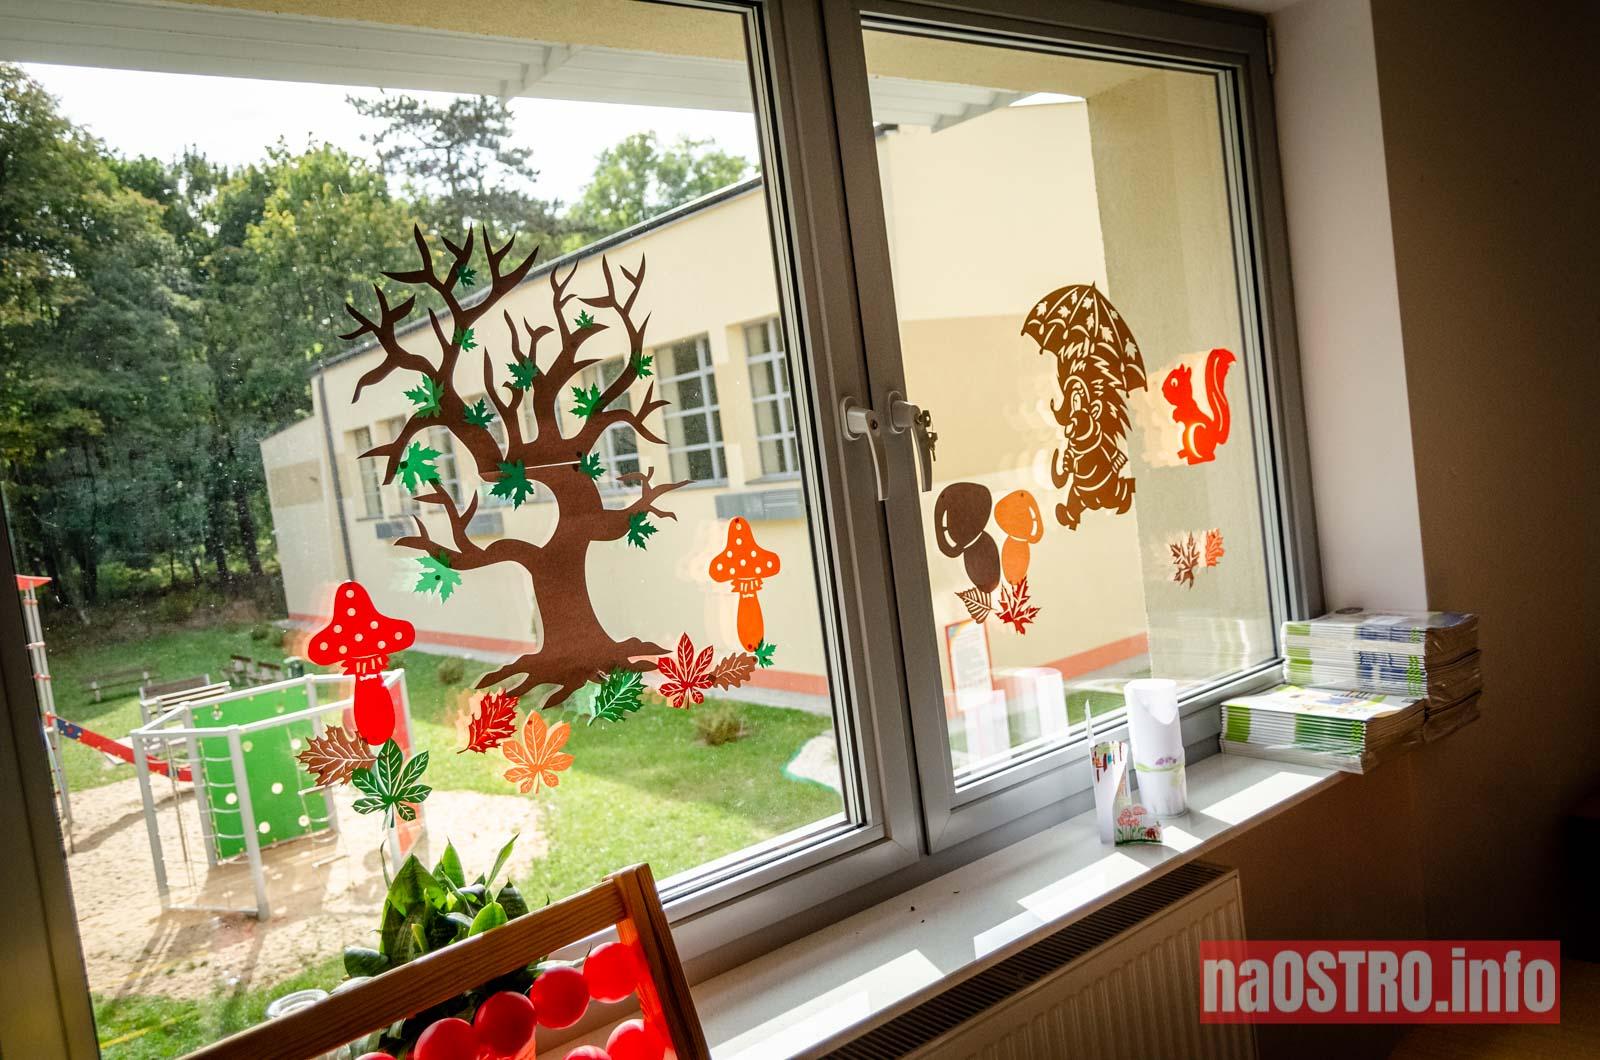 NaOSTRO.info Szkoła Baltów 092020-20